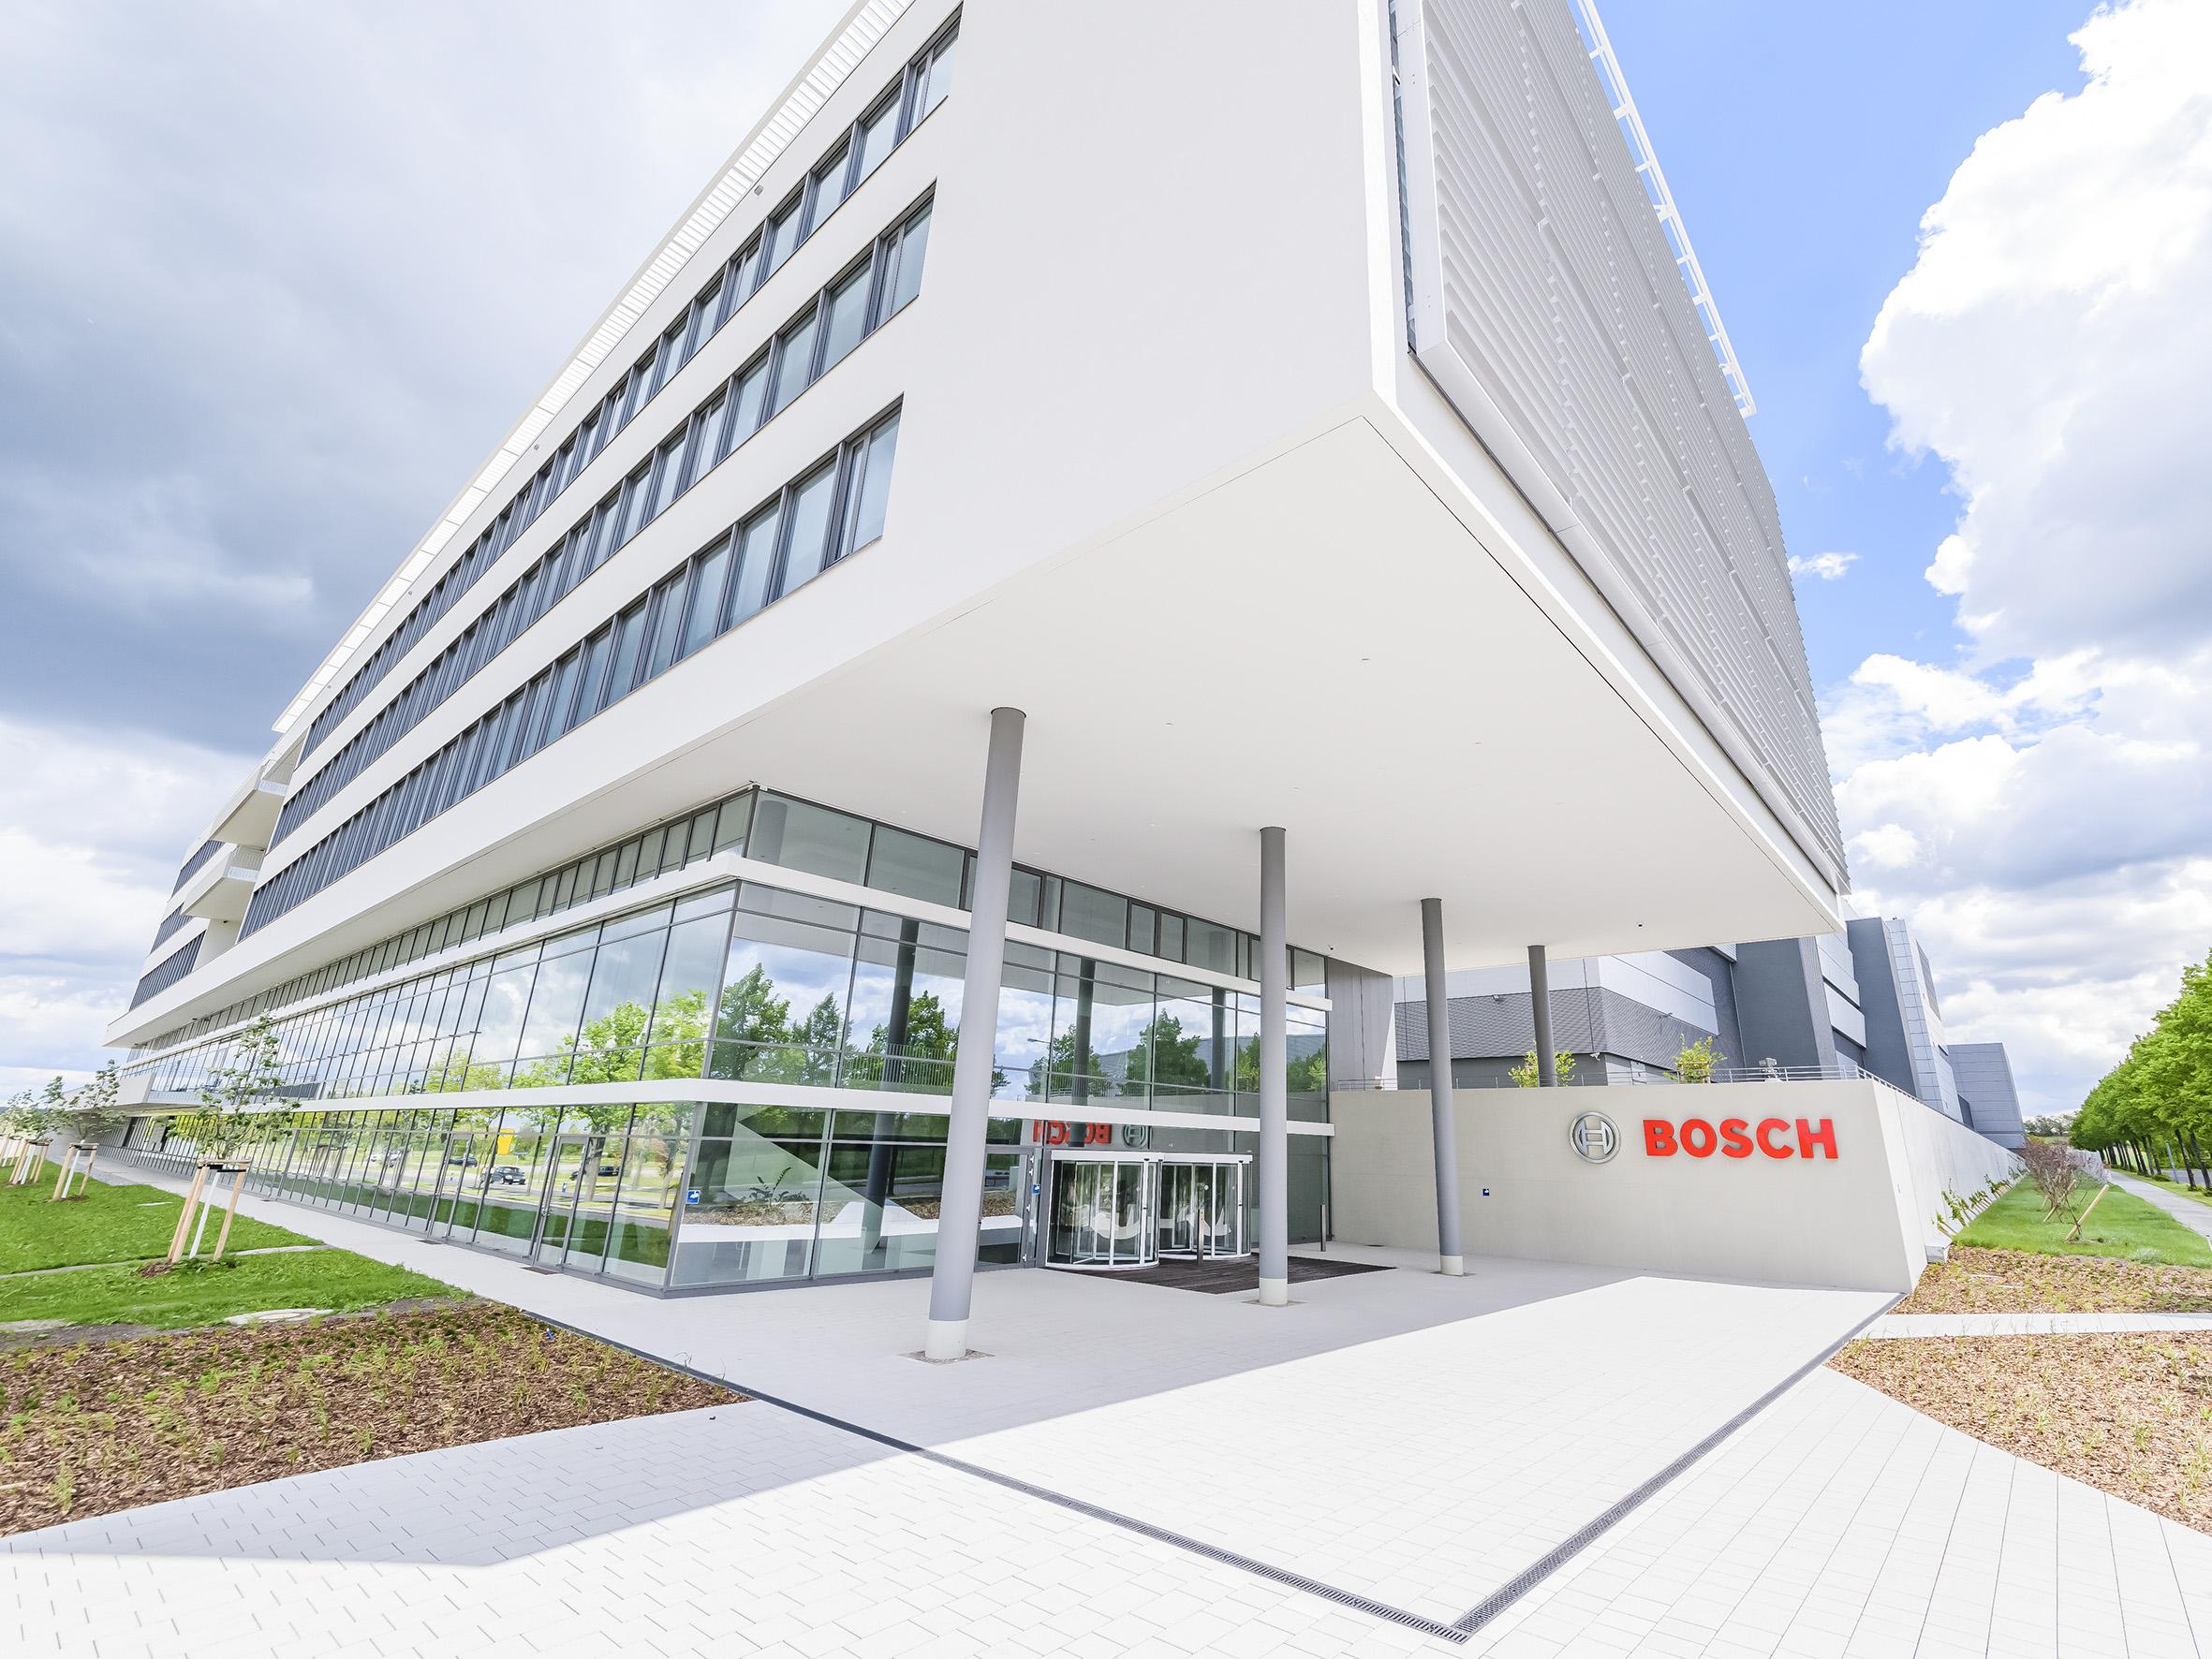 Neues Bosch Halbleiterwerk in Dresden